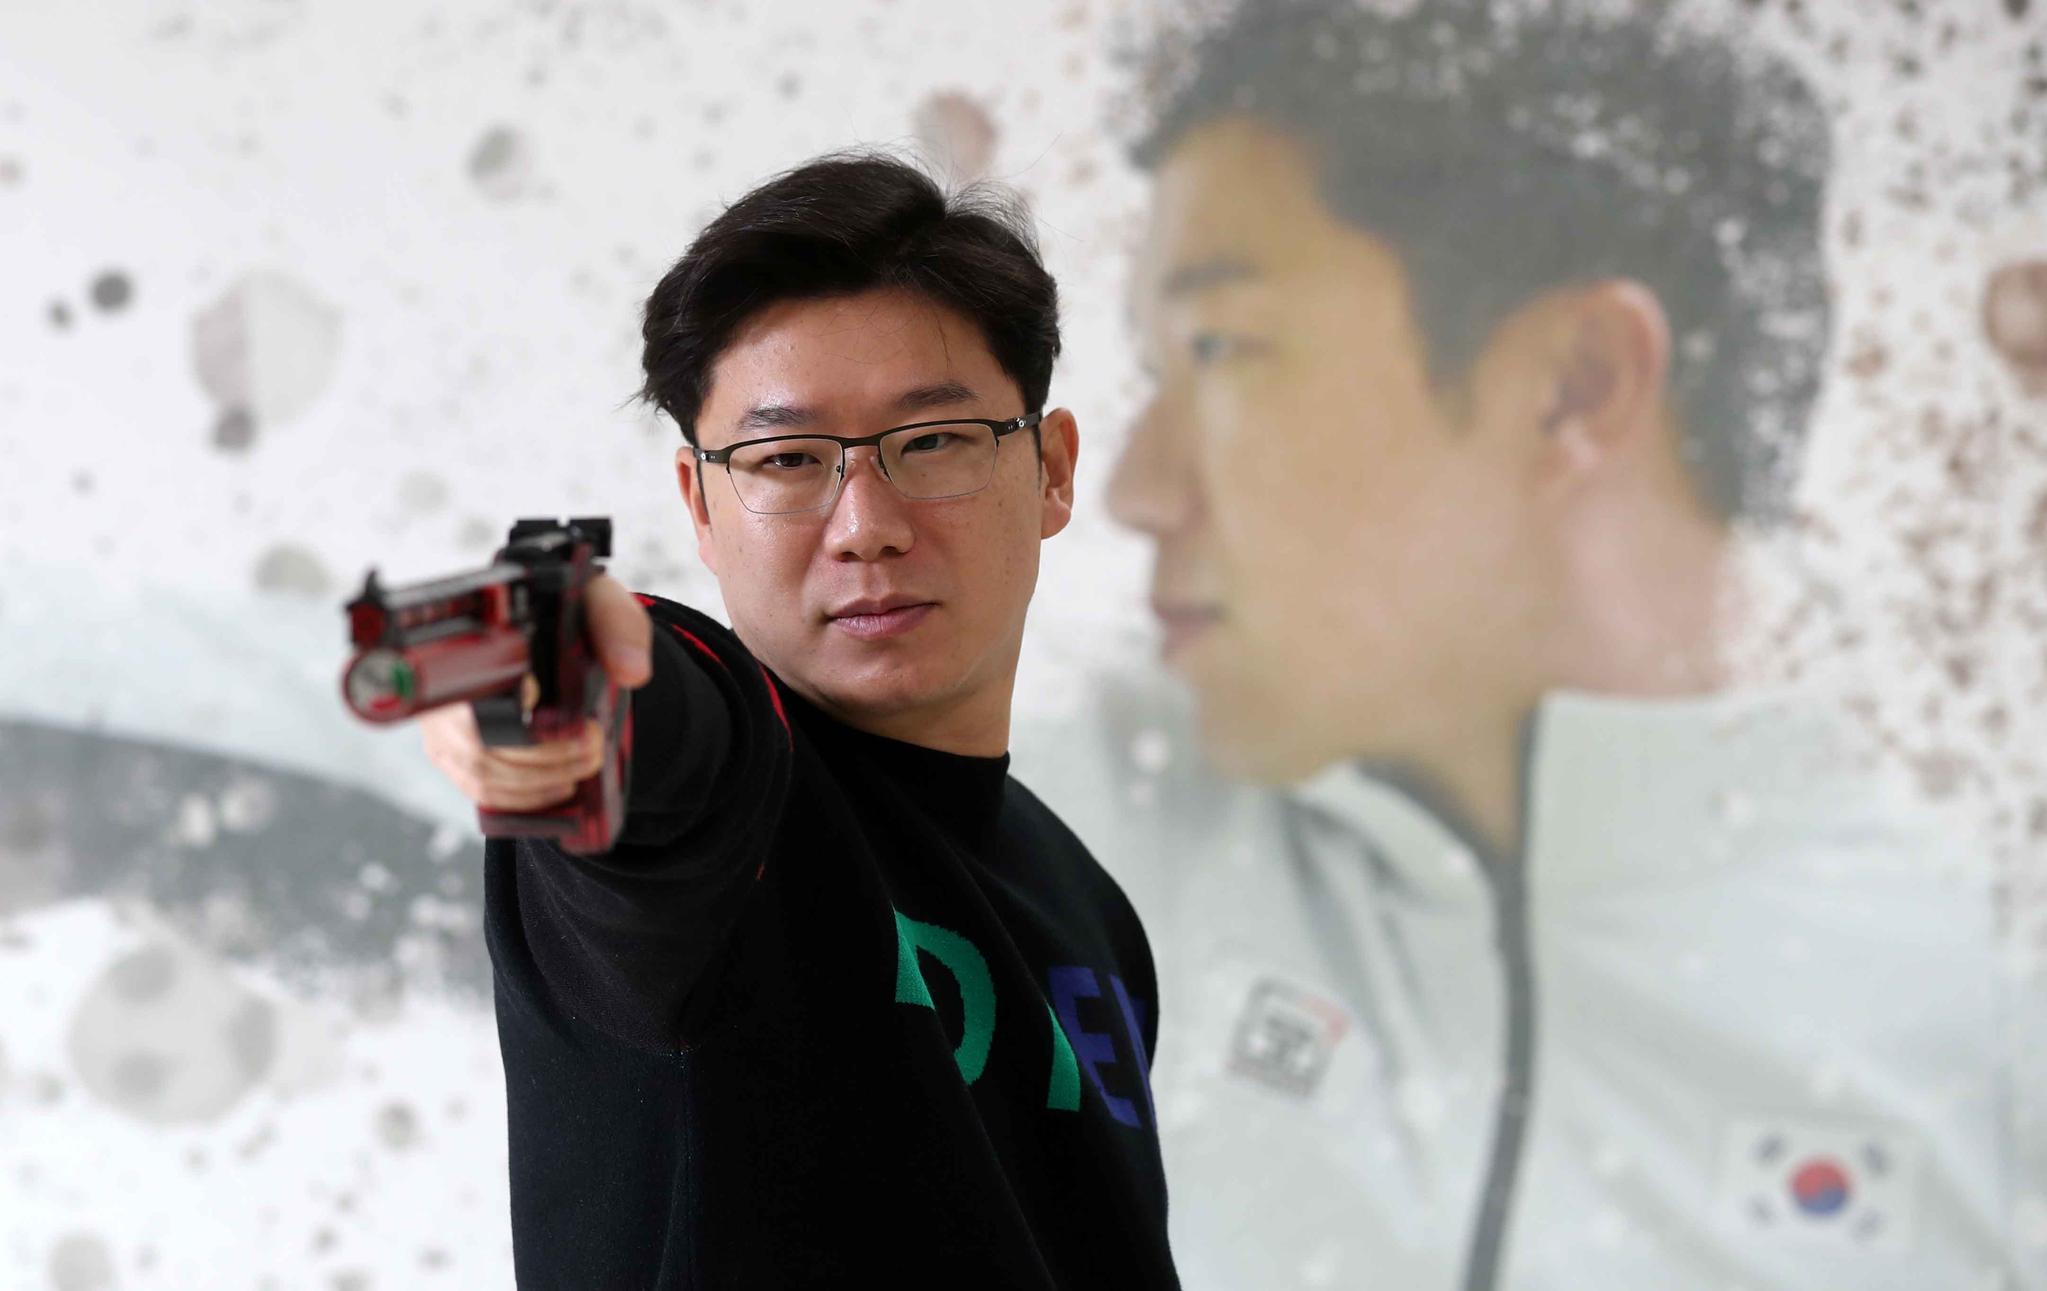 도쿄올림픽에서 5번째 금메달을 노리는 진종오가 신구대학교 사격연구소에서 훈련하고 있다. 김상선 기자